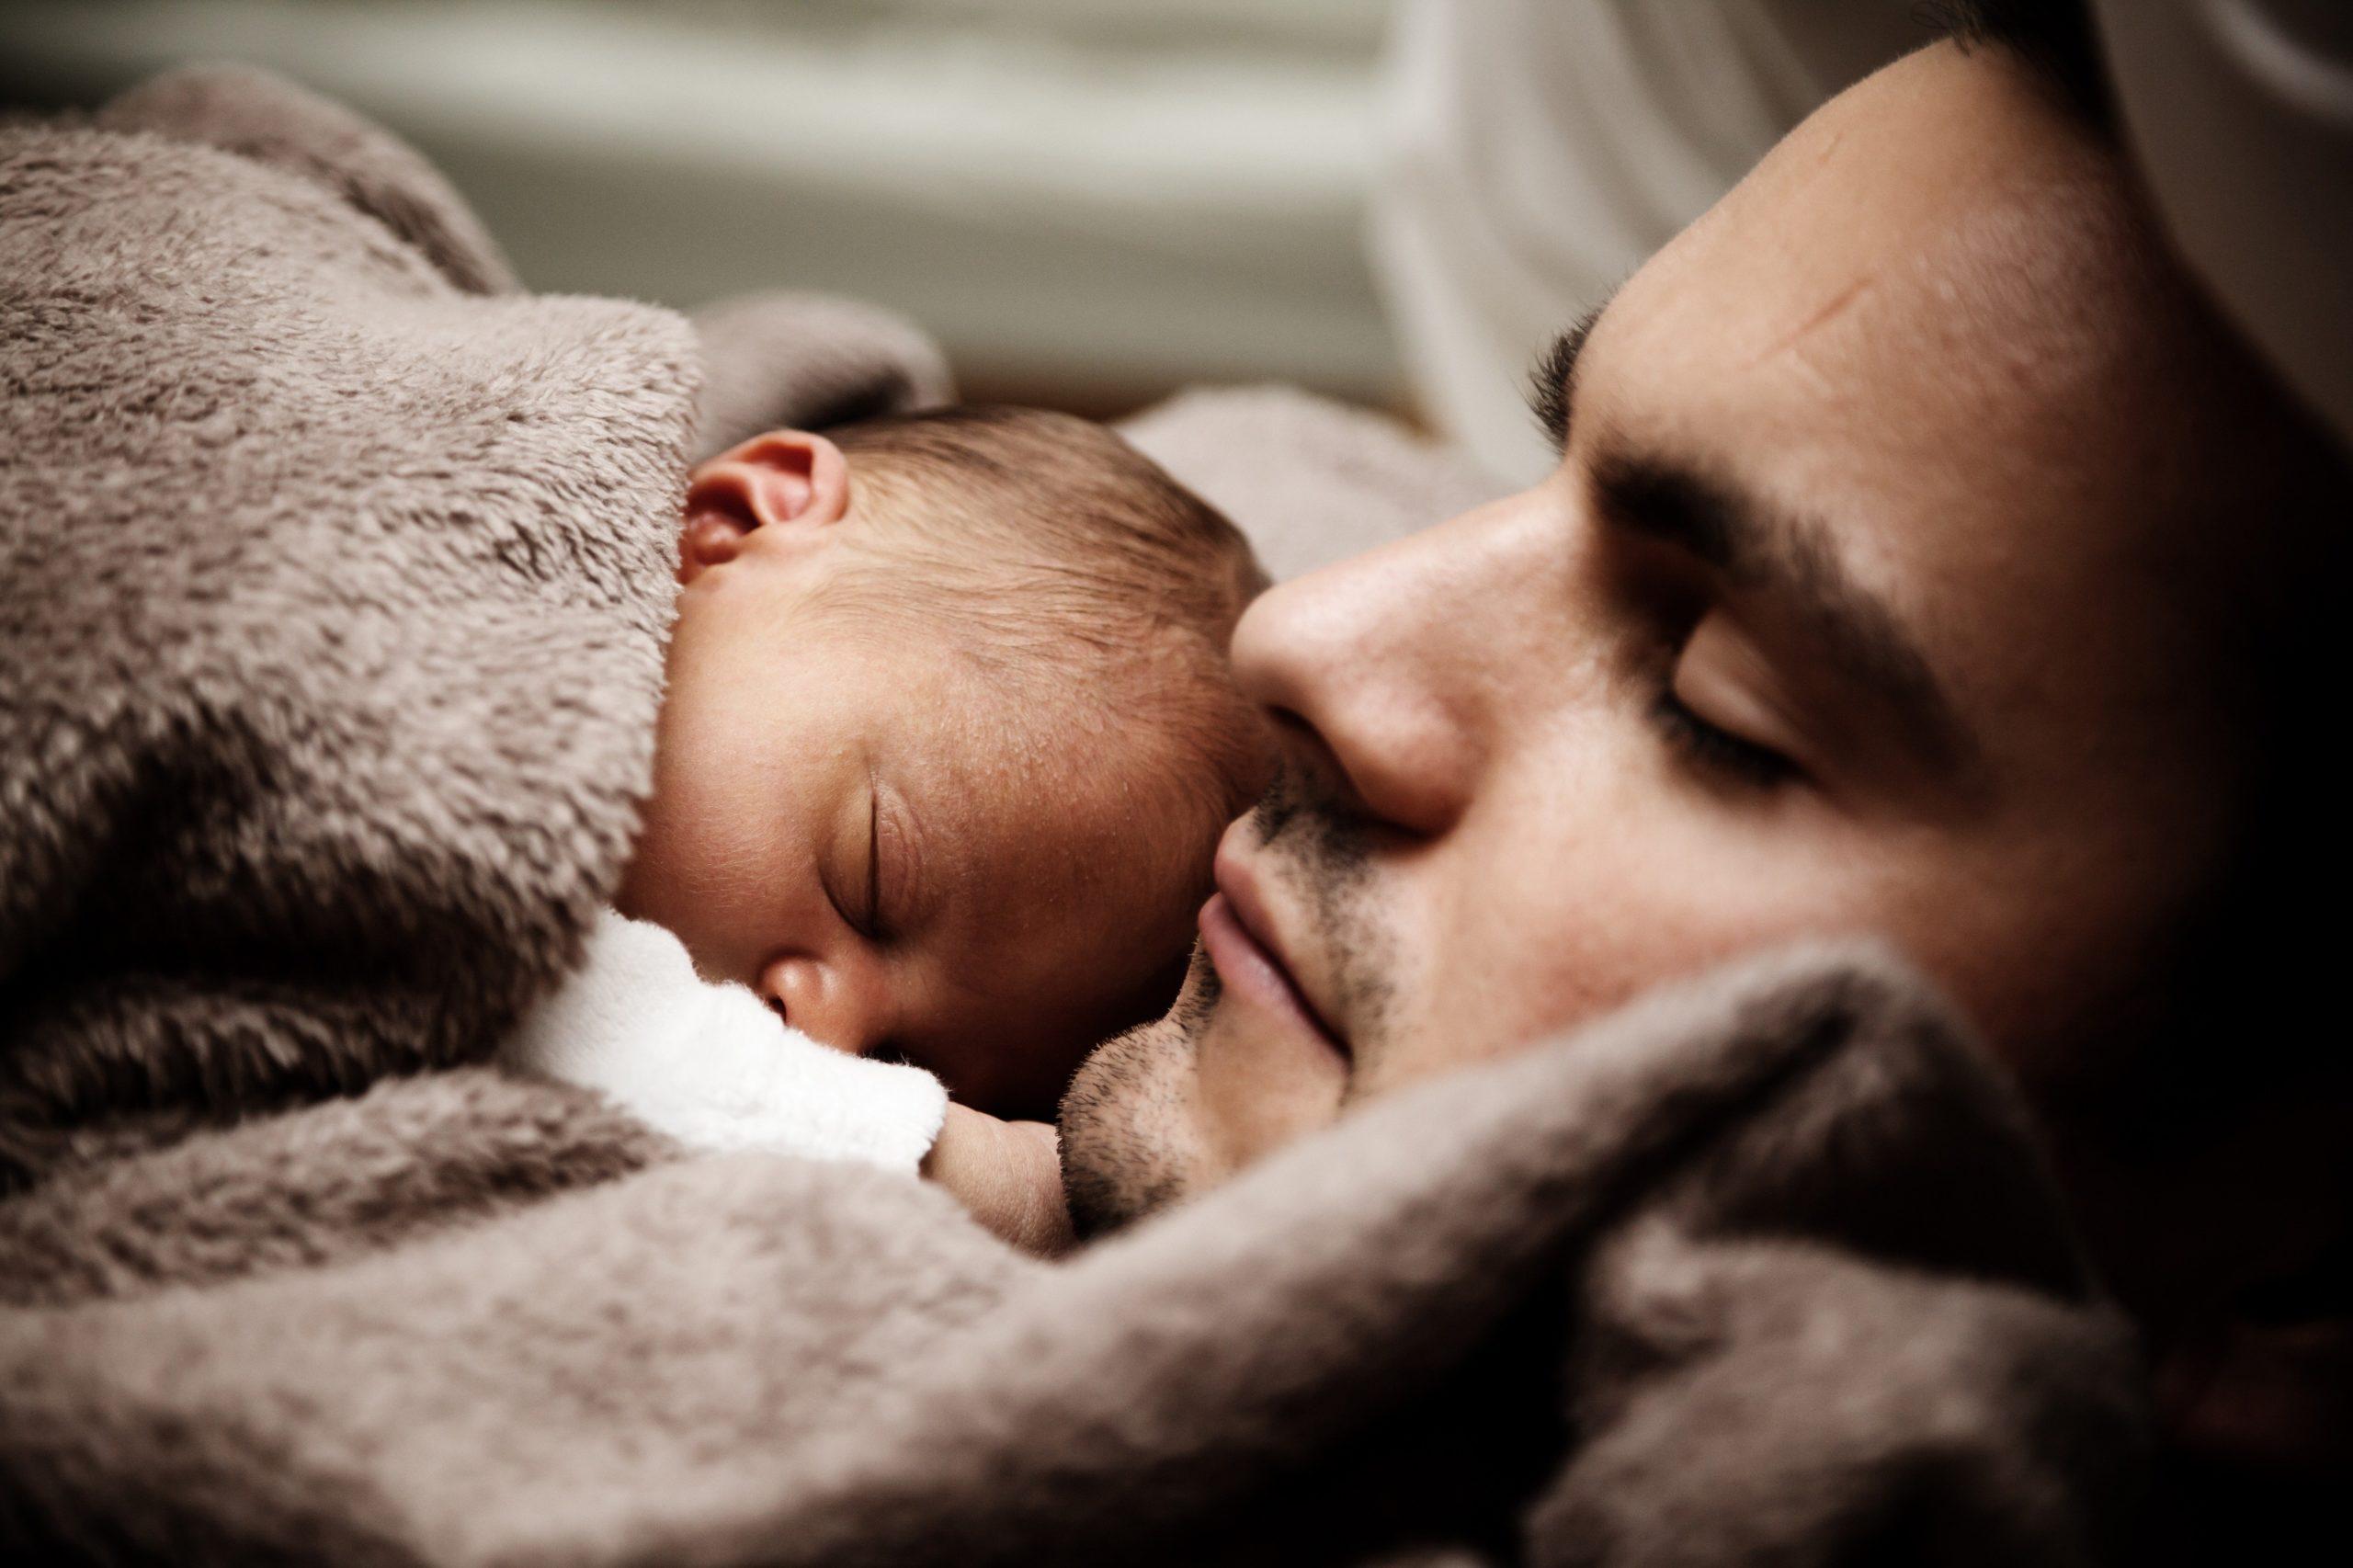 Comment bien se preparer a devenir papa pour la premiere fois ?